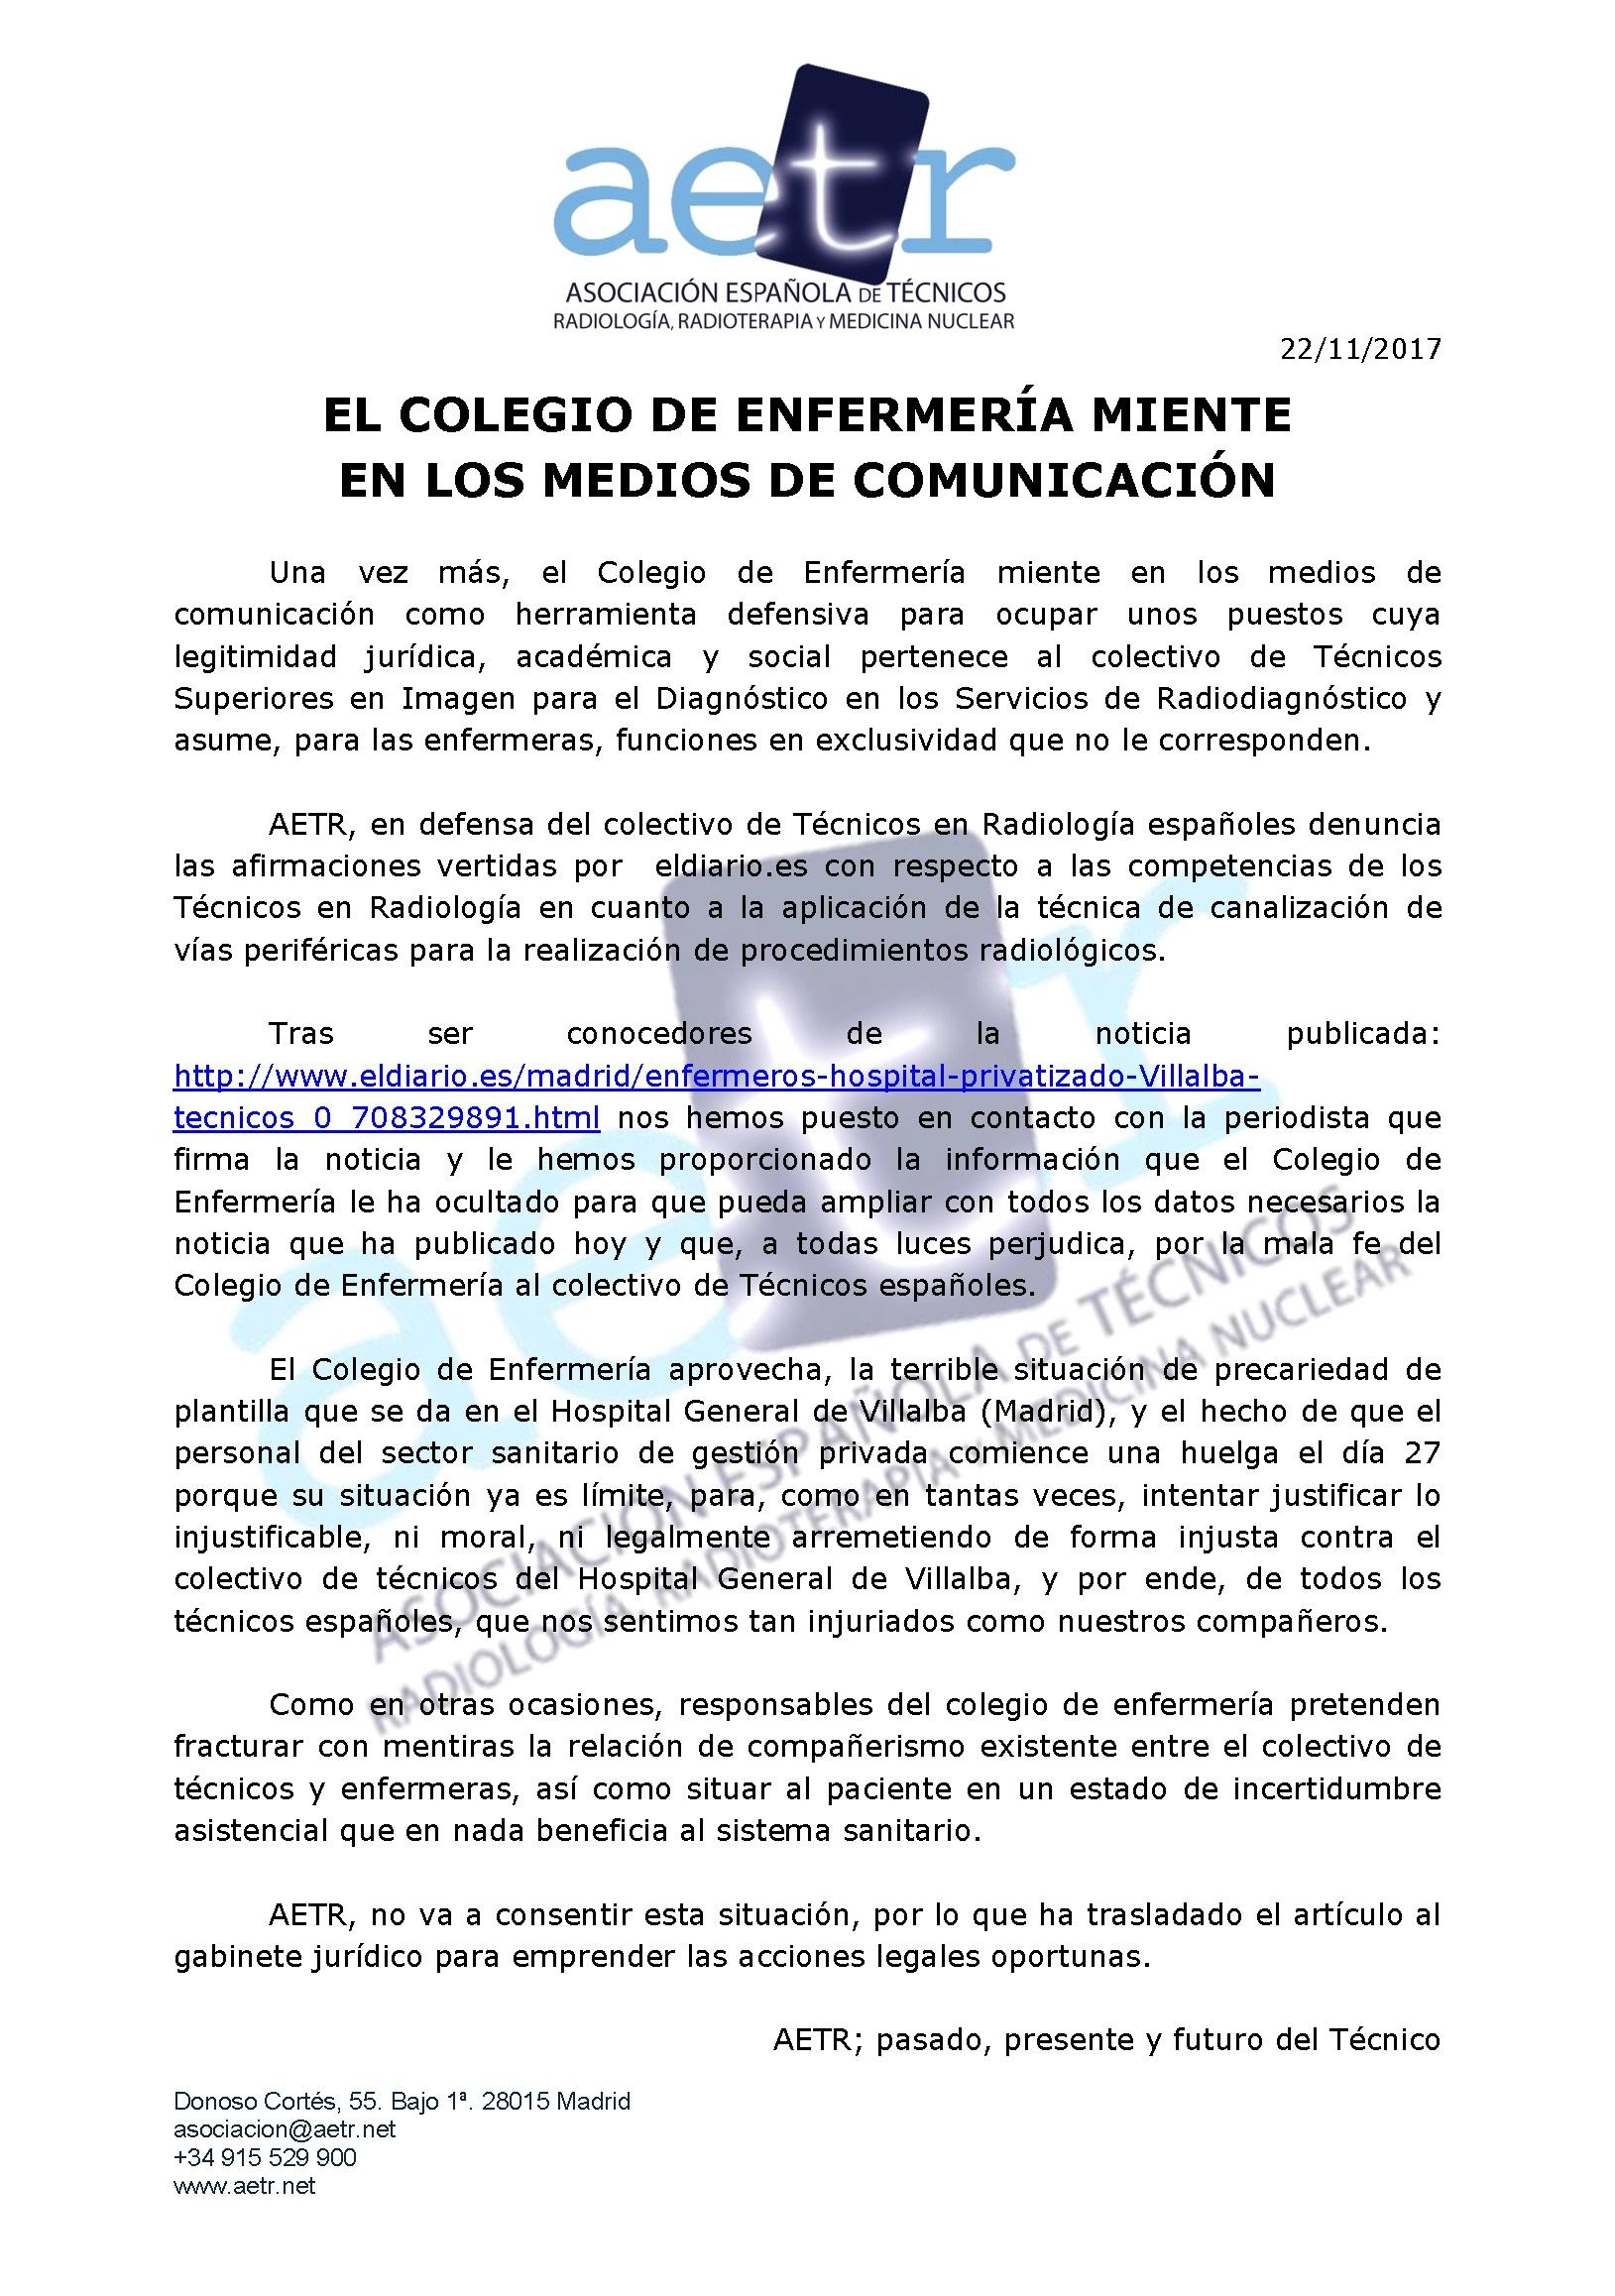 EL COLEGIO DE ENFERMERÍA MIENTE EN LOS MEDIOS DE COMUNICACIÓN